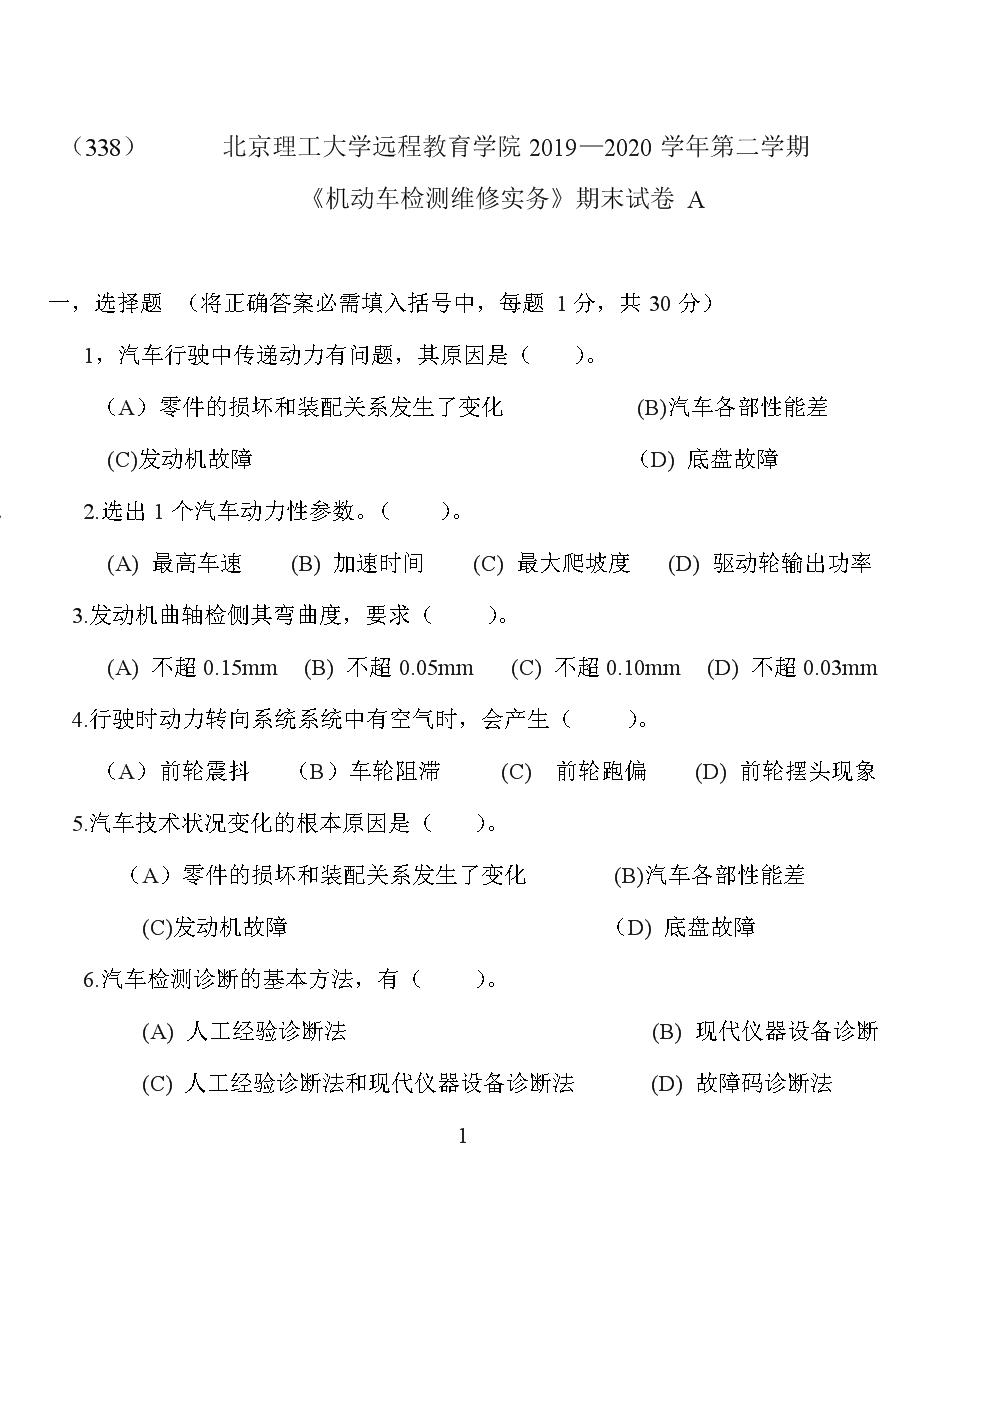 [北京理工大学]《机动车检测维修实务》期末考试试卷.doc